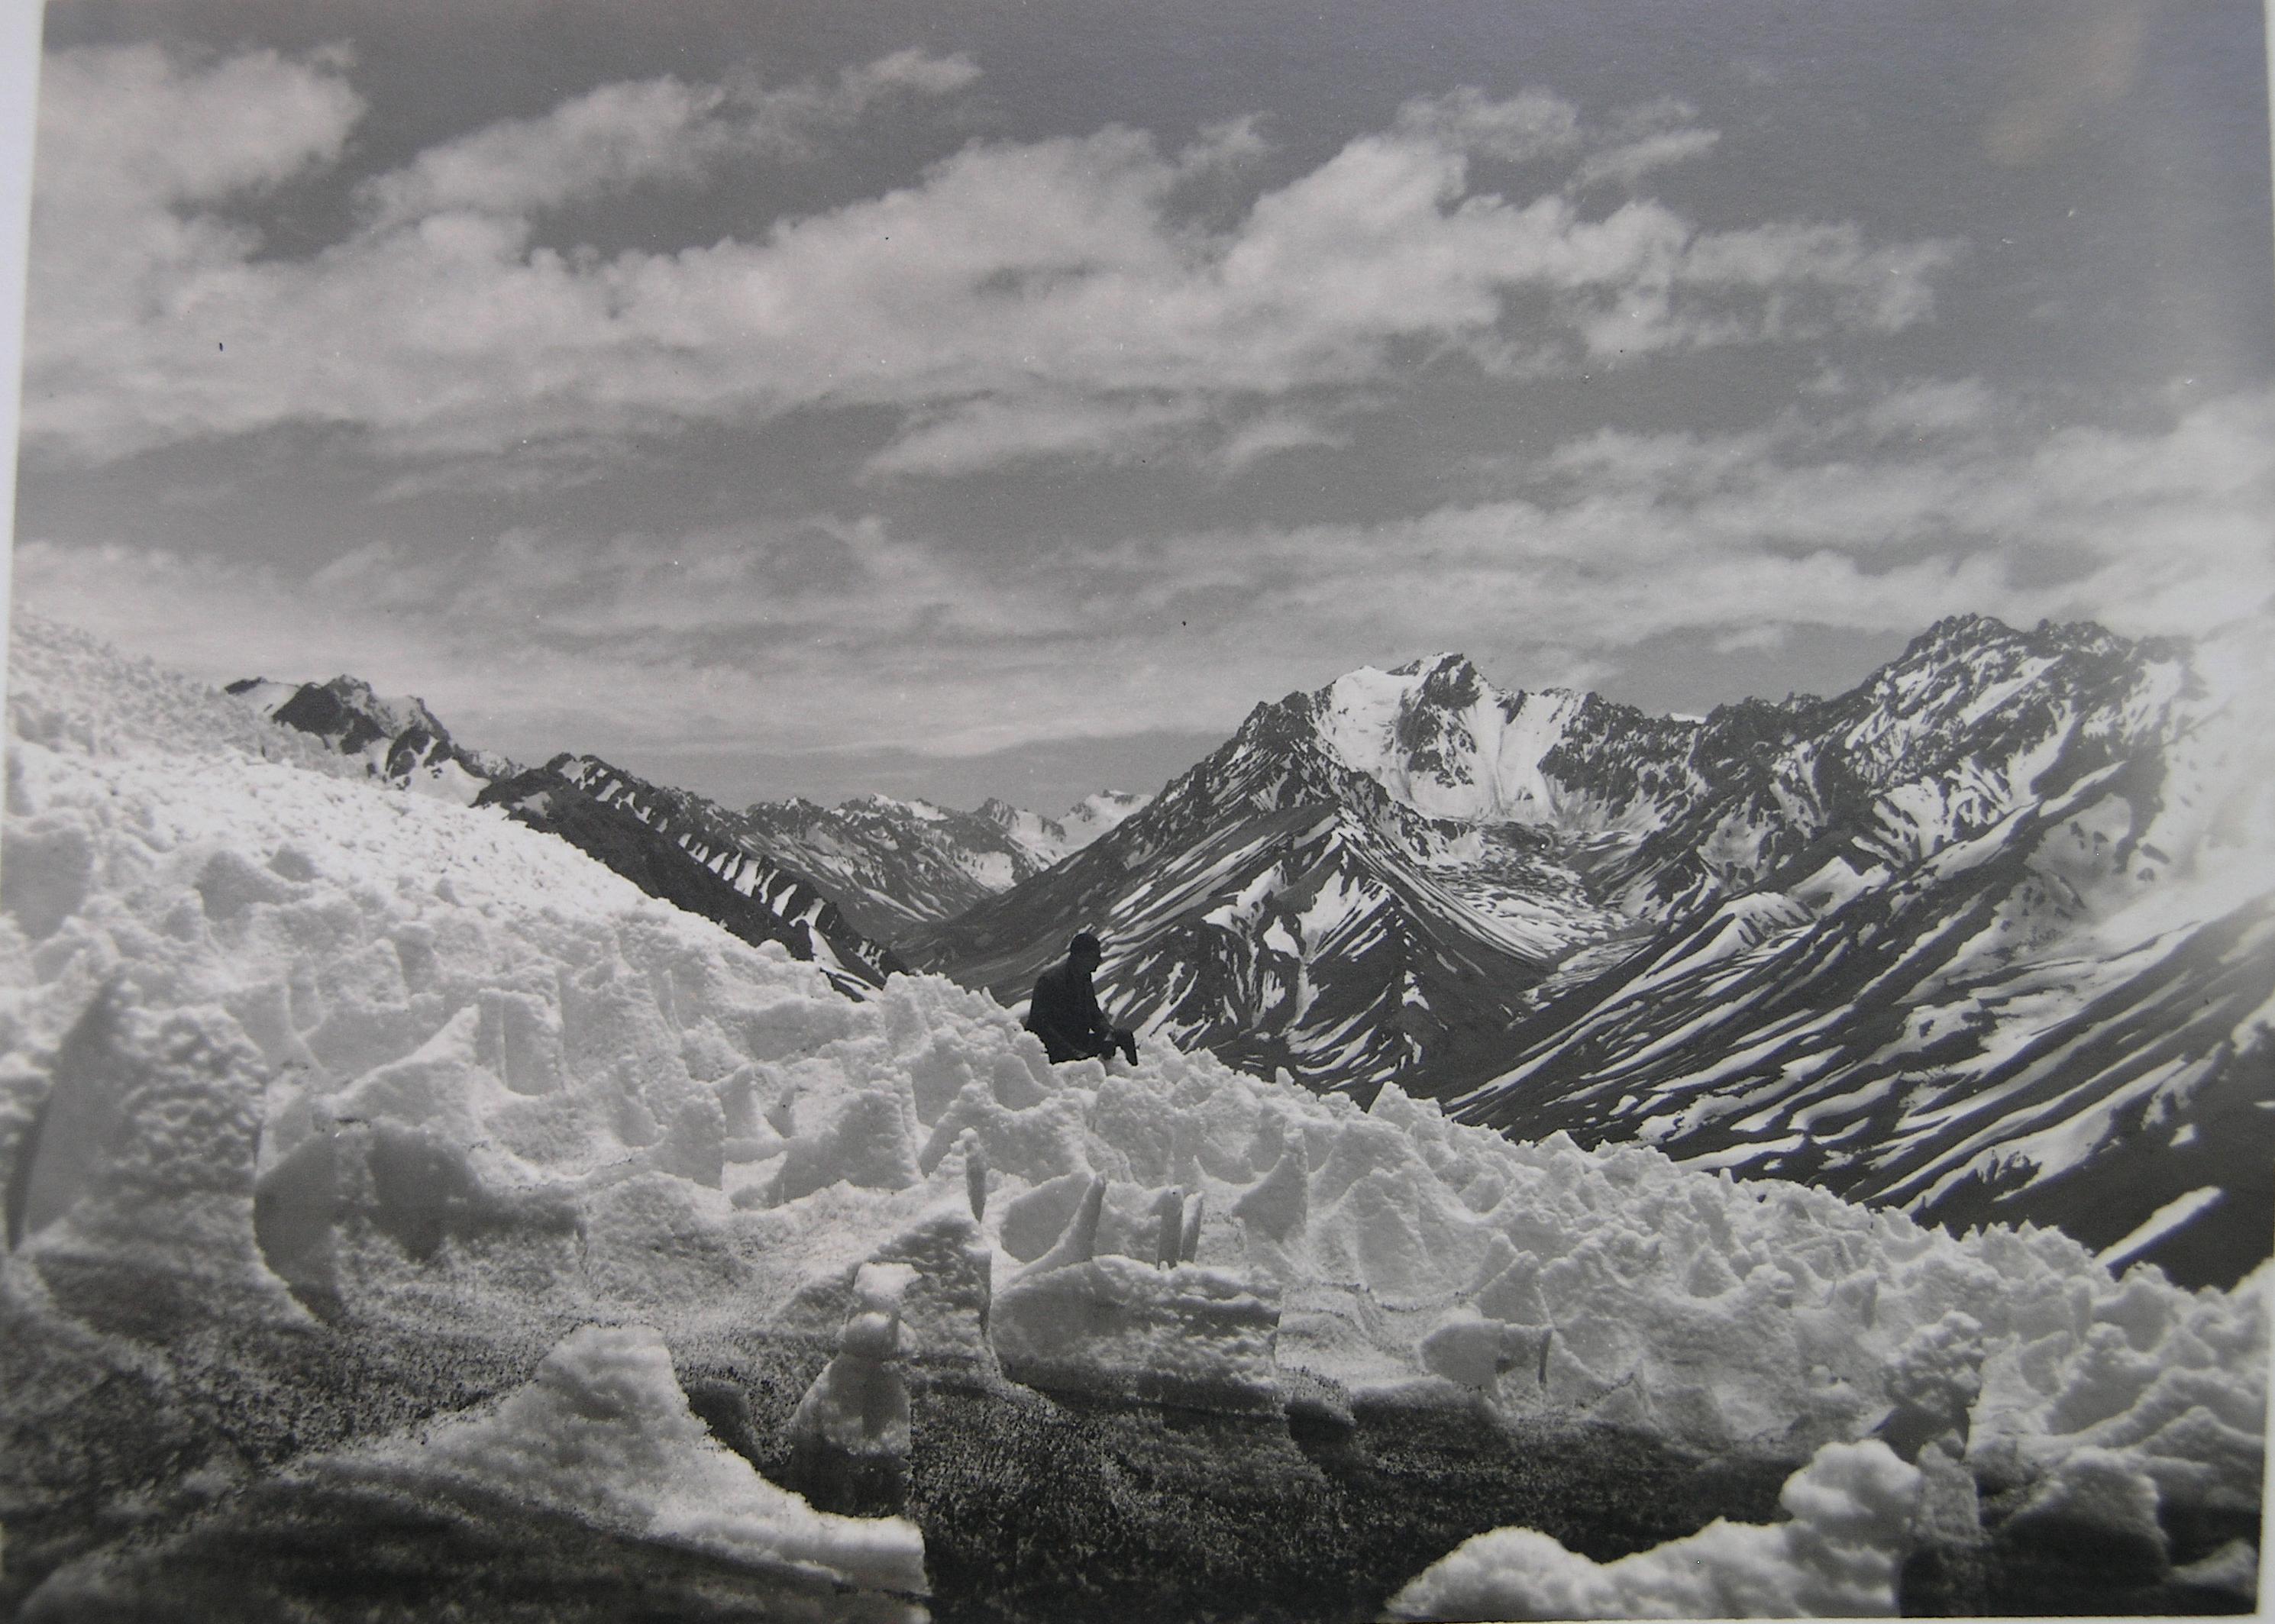 Enterreno - Fotos históricas de chile - fotos antiguas de Chile - Glaciar en la Cordillera frente a Santiago, año 1935